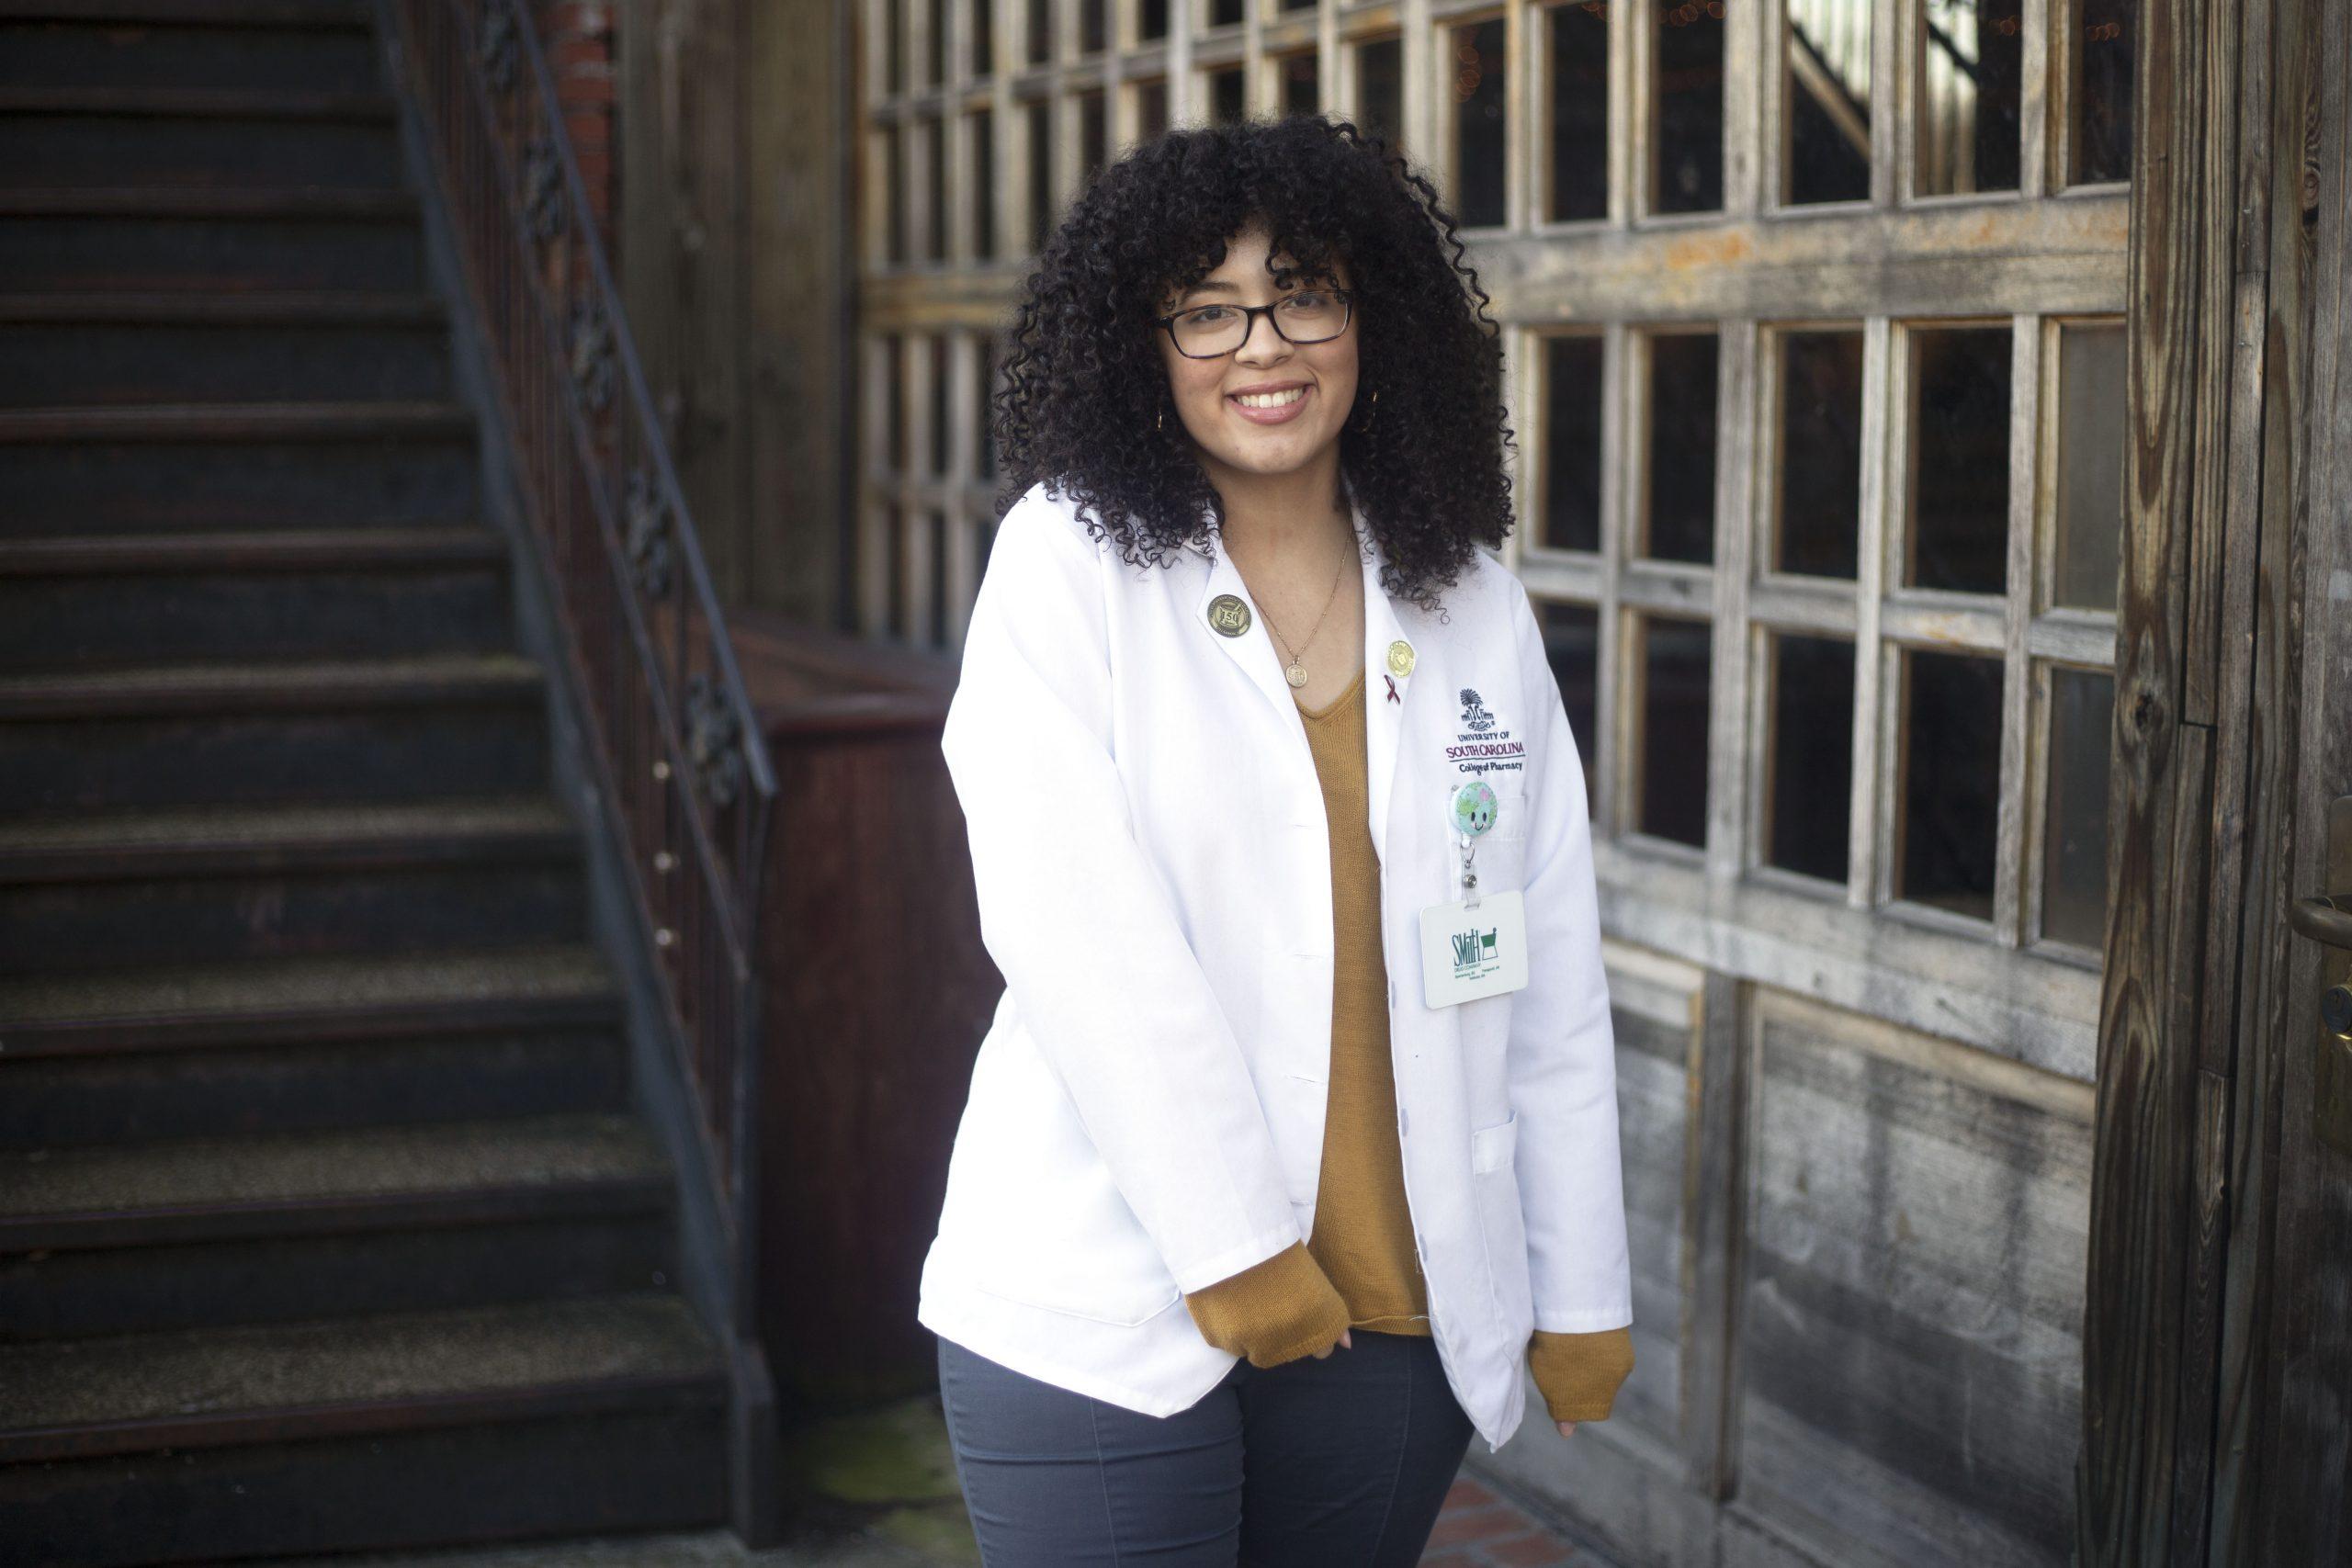 Pharmacy Student White Coat Ceremony